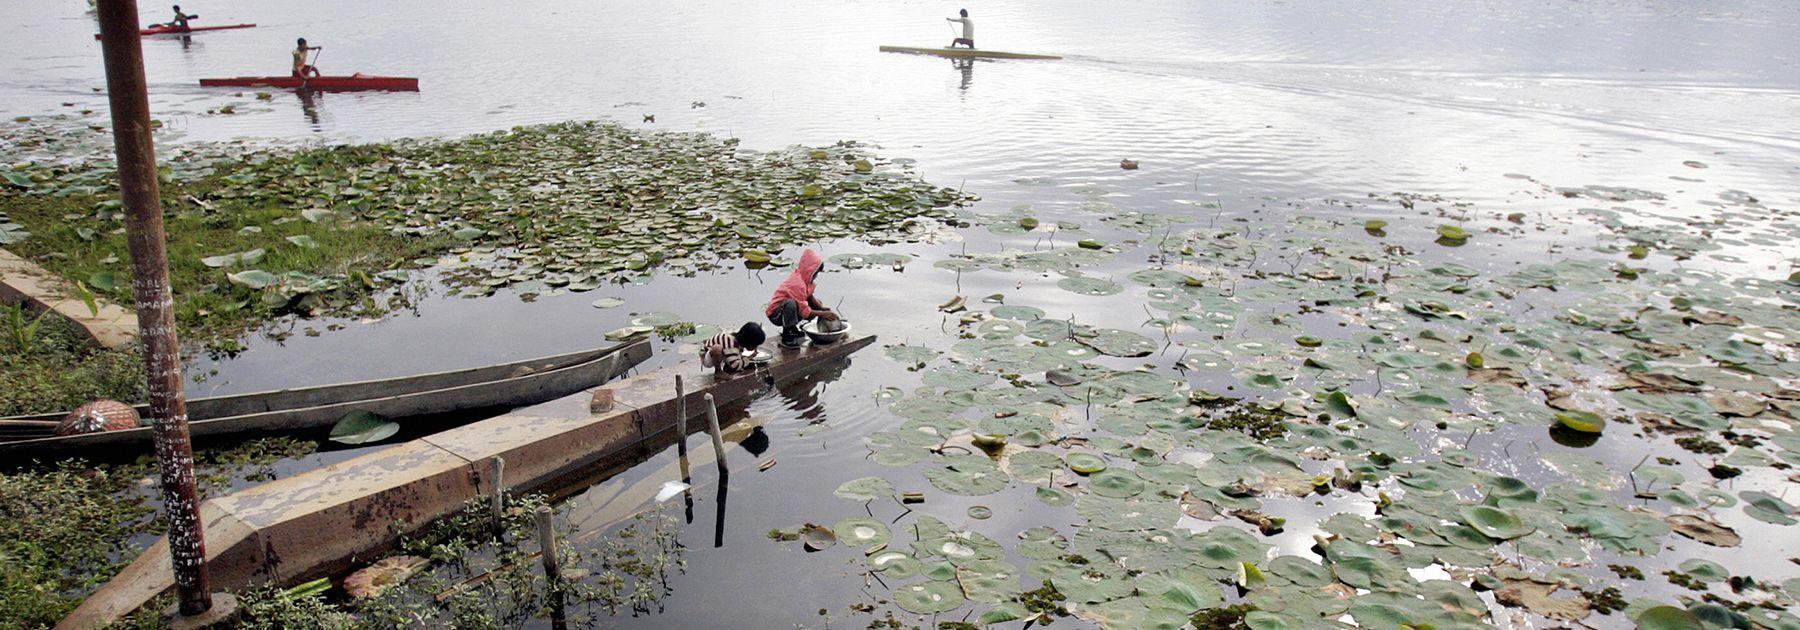 Manipuri children wash utensils as Indian youth paddle kayaks across Loktak lake, the largest freshwater lake in northeastern India. (DESHAKALYAN CHOWDHURY/AFP/Getty Images)